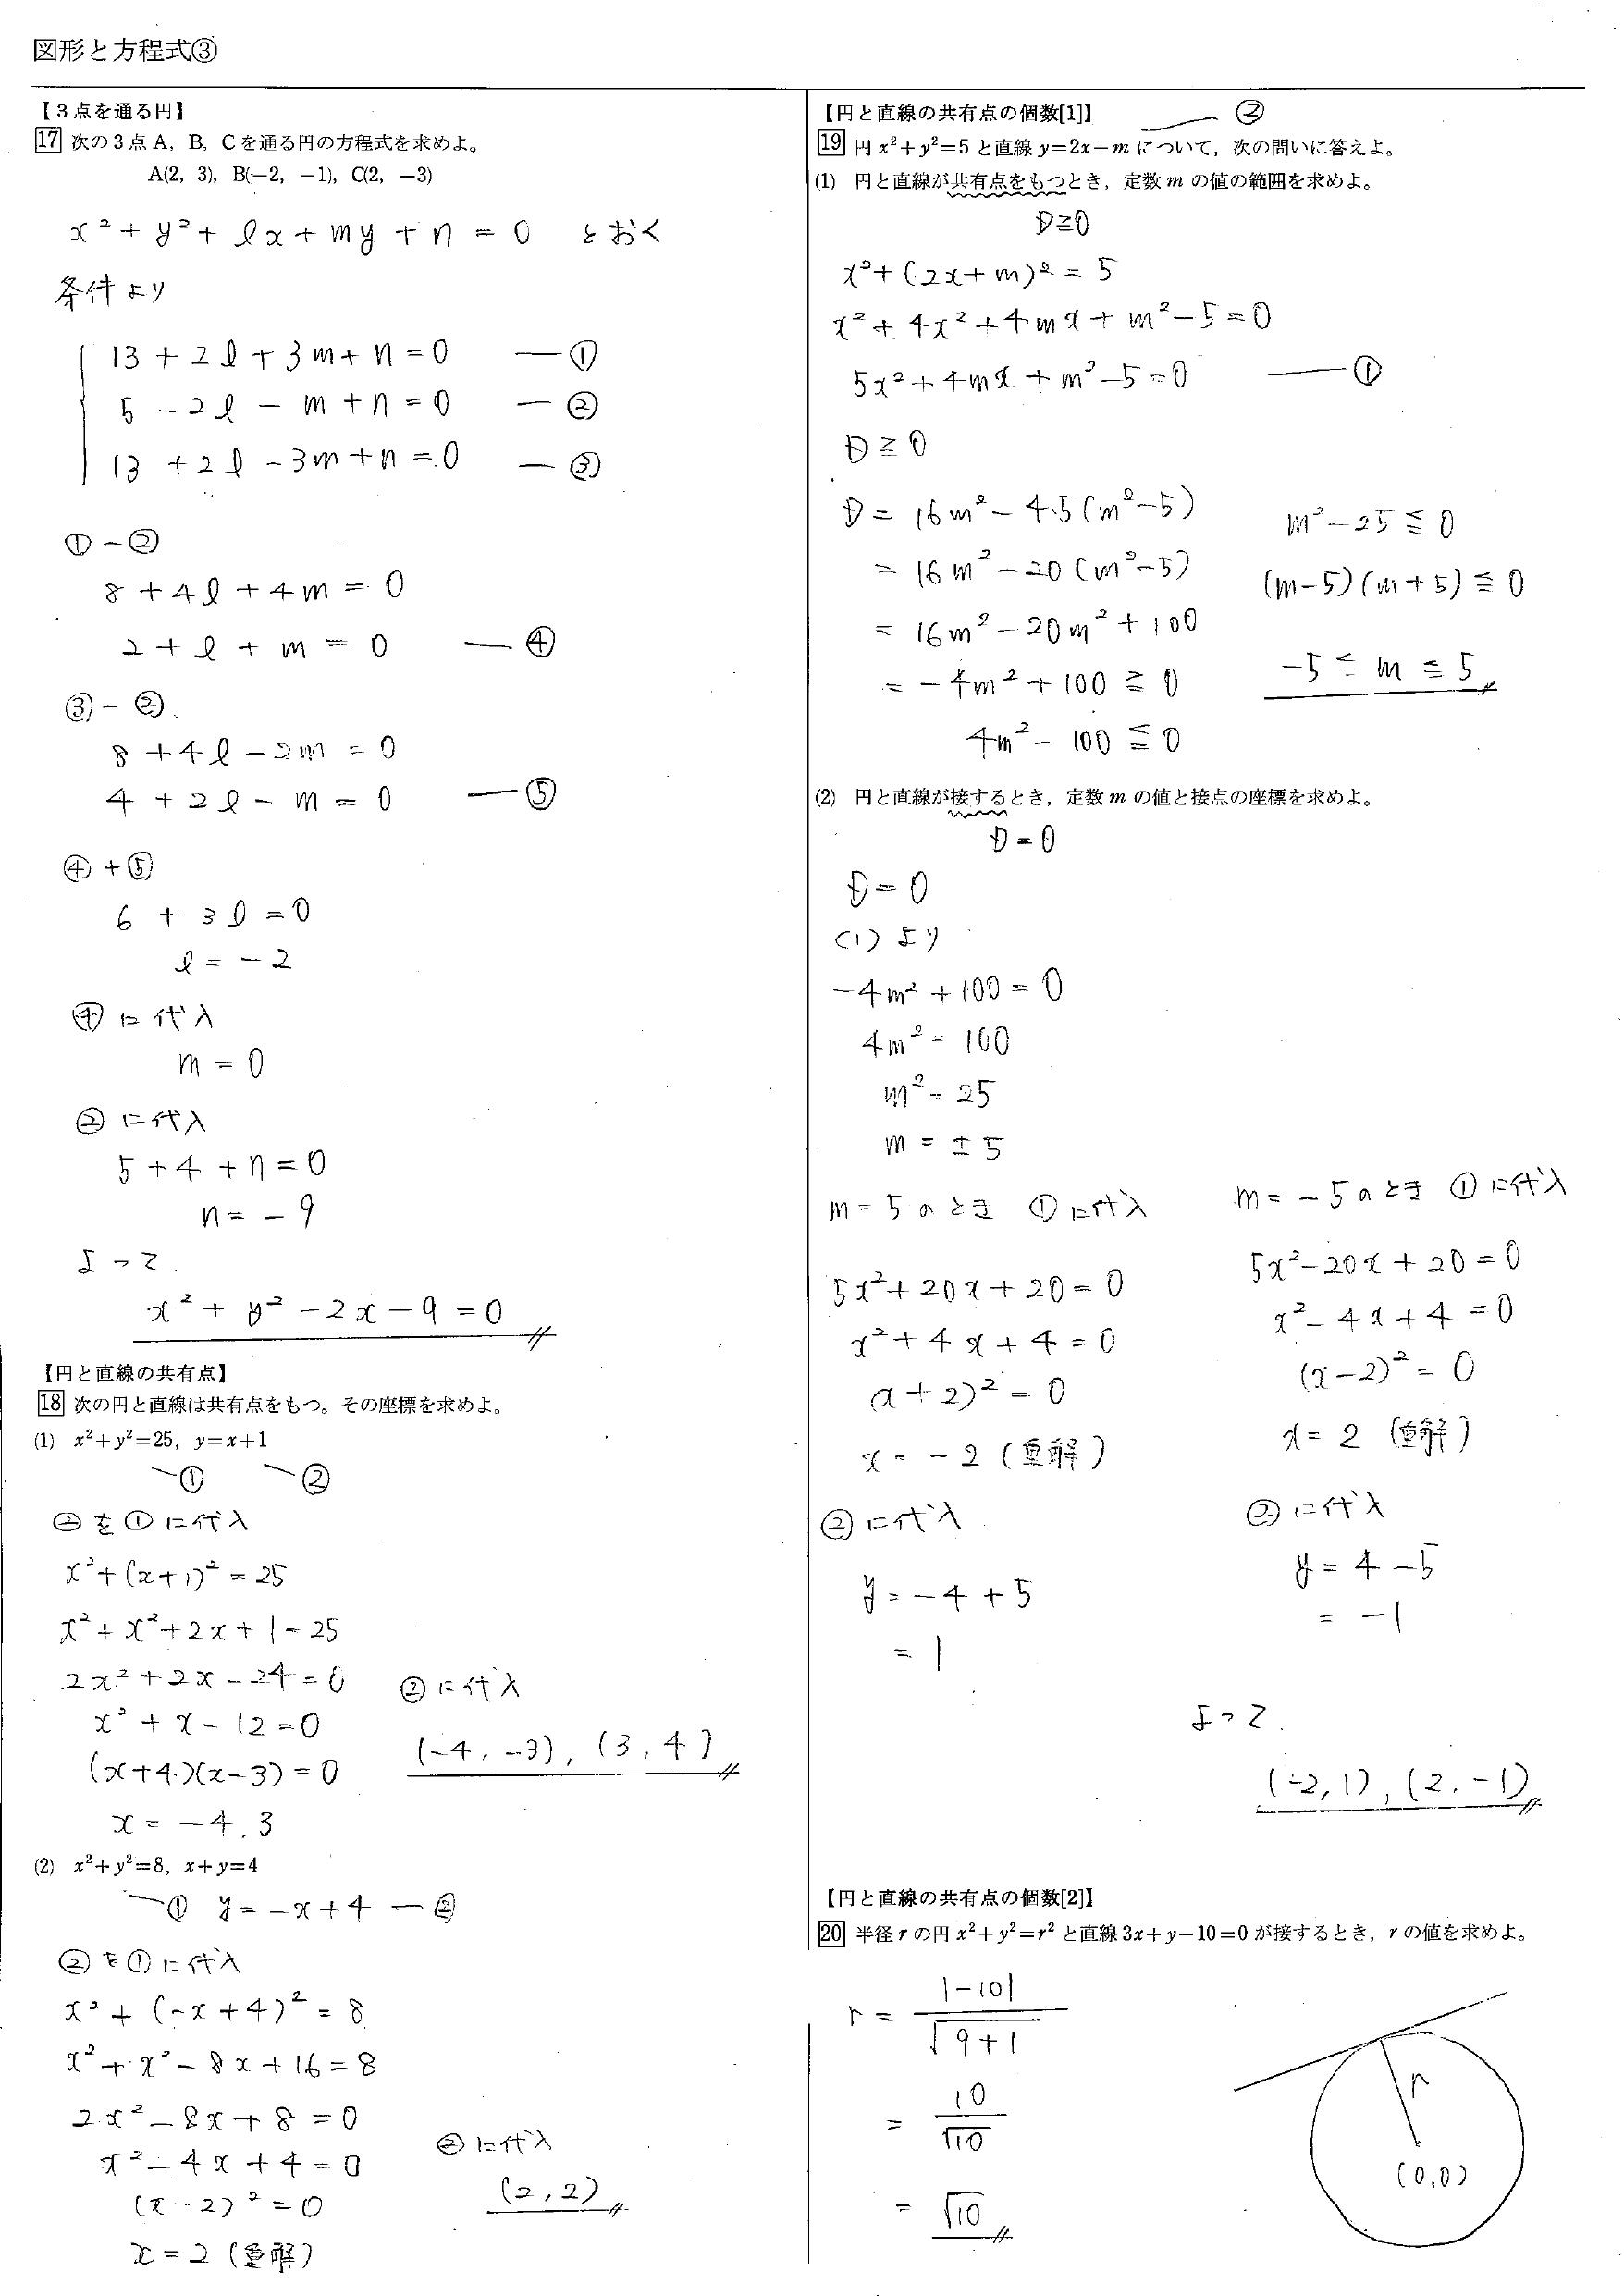 図形と方程式 教科書 まとめ 一覧 問題 解答